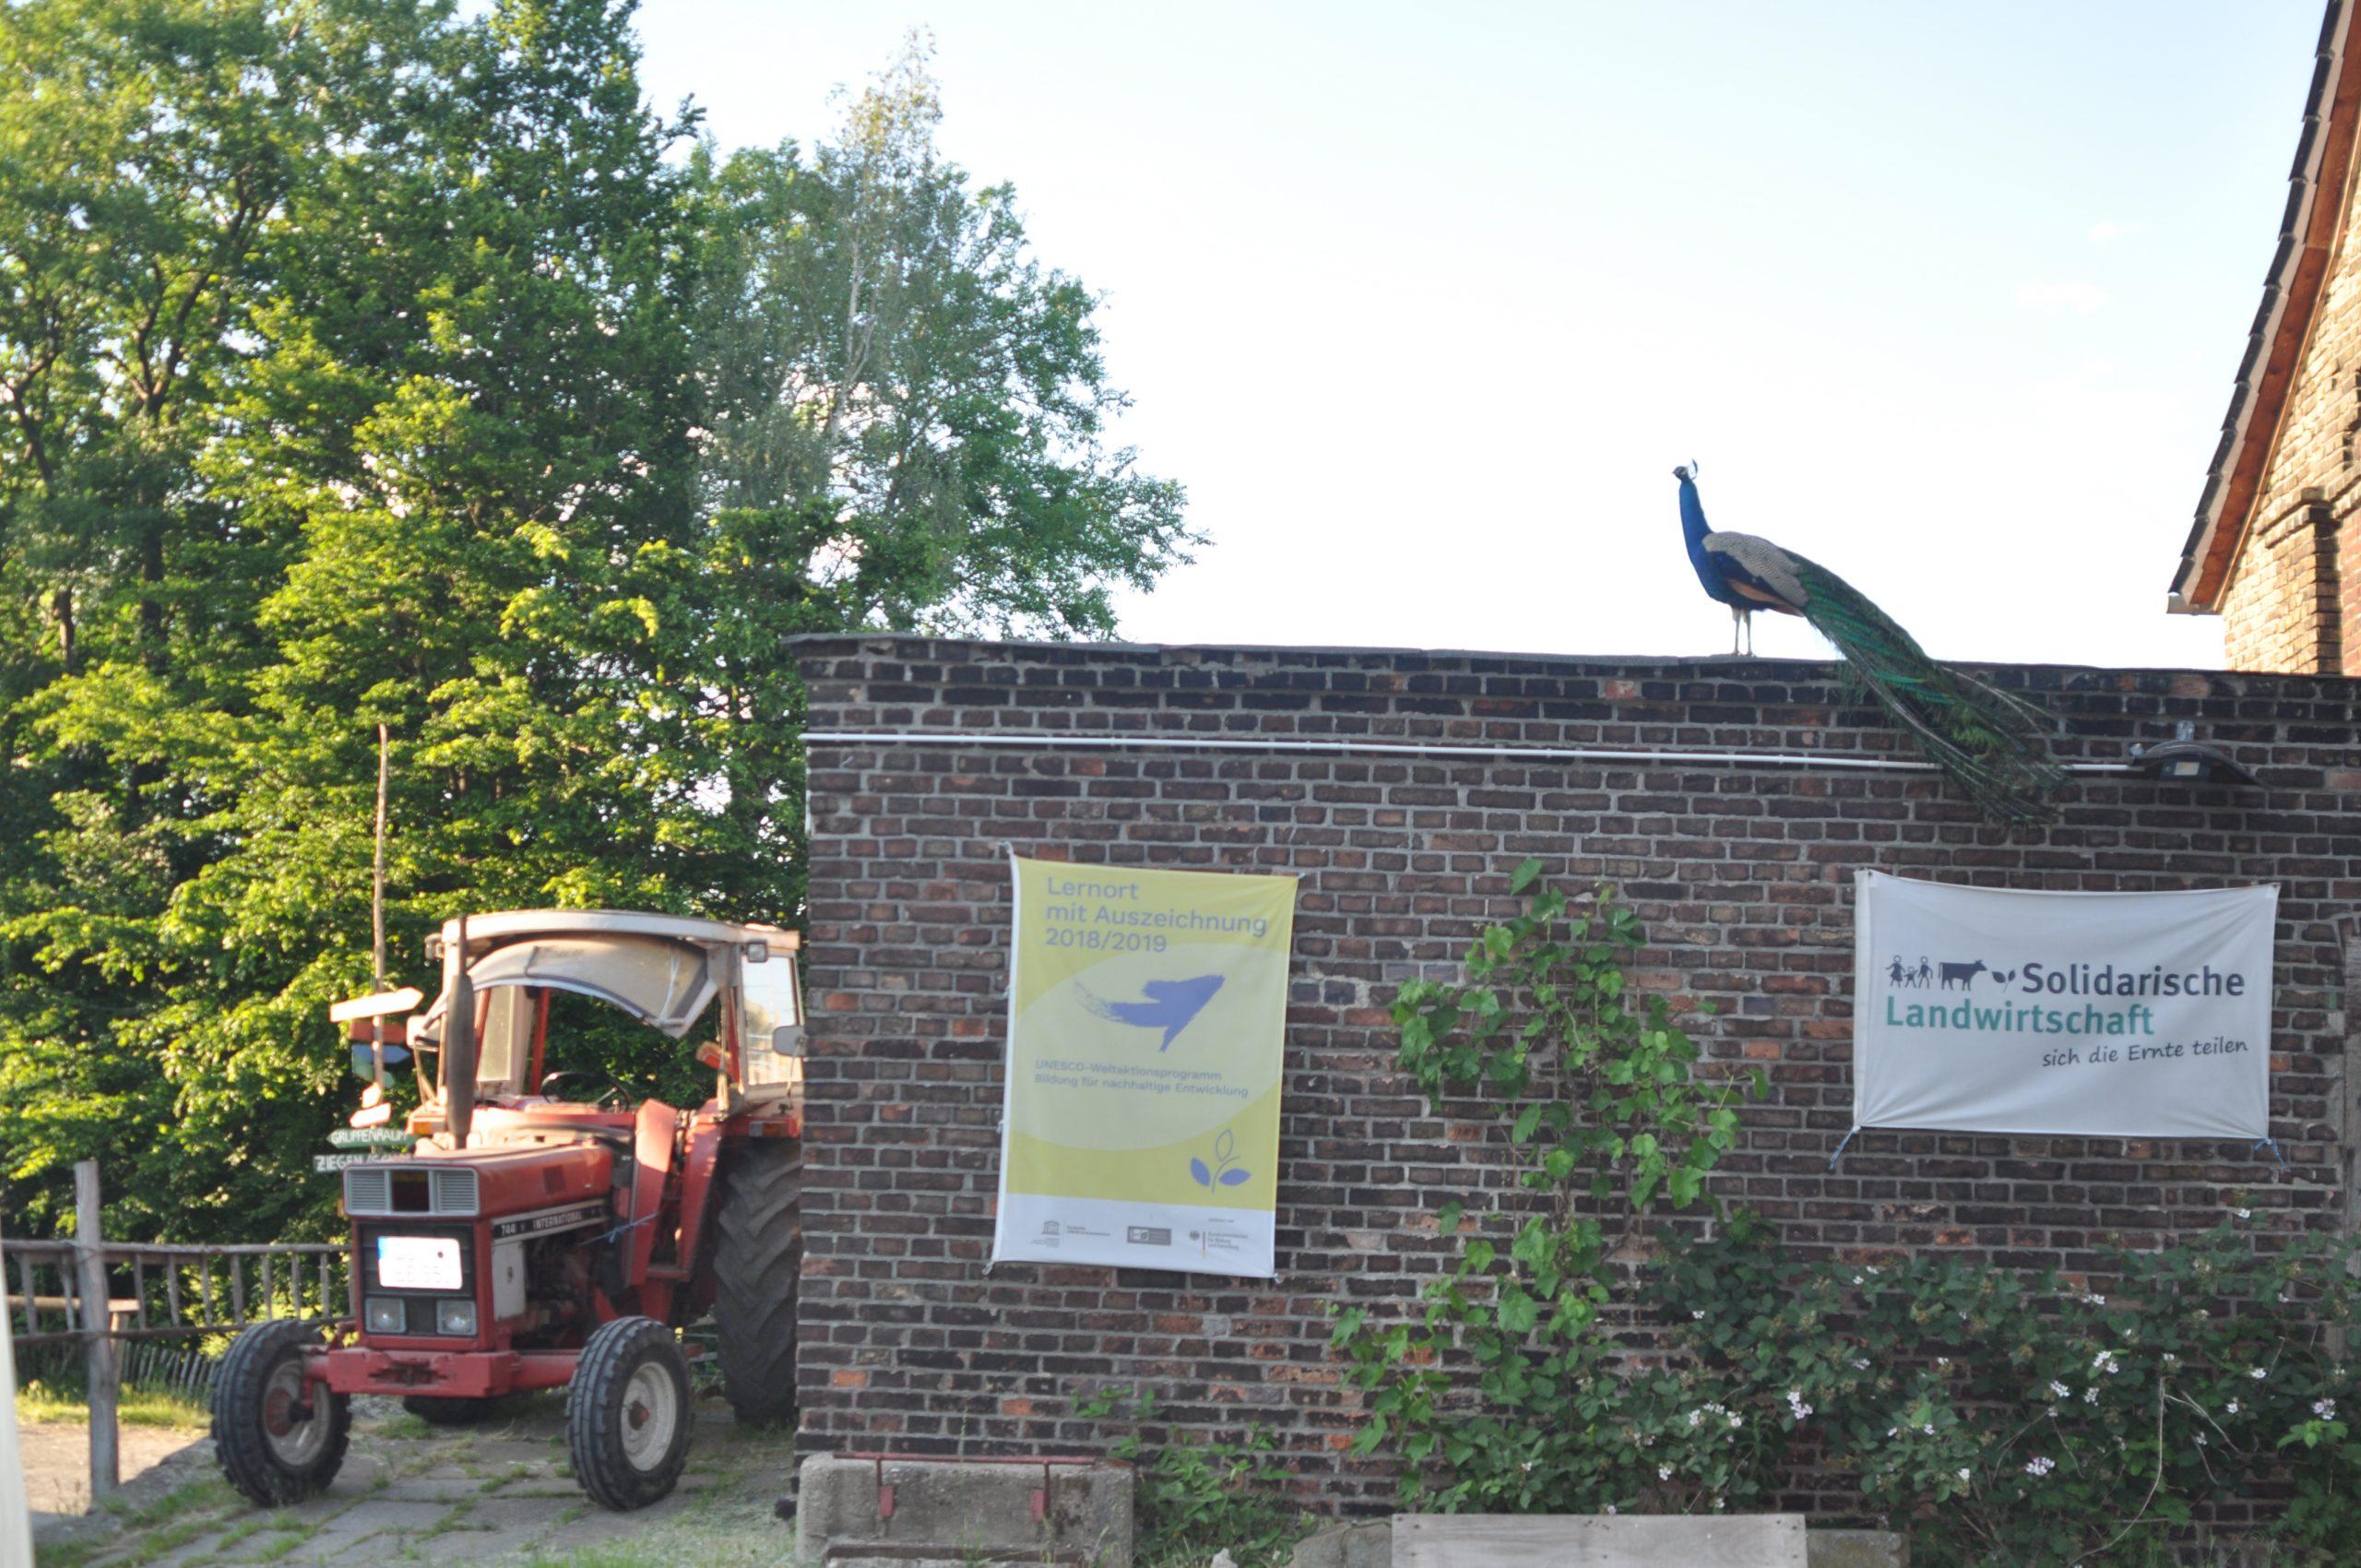 Einblick in den Lernbauenhof